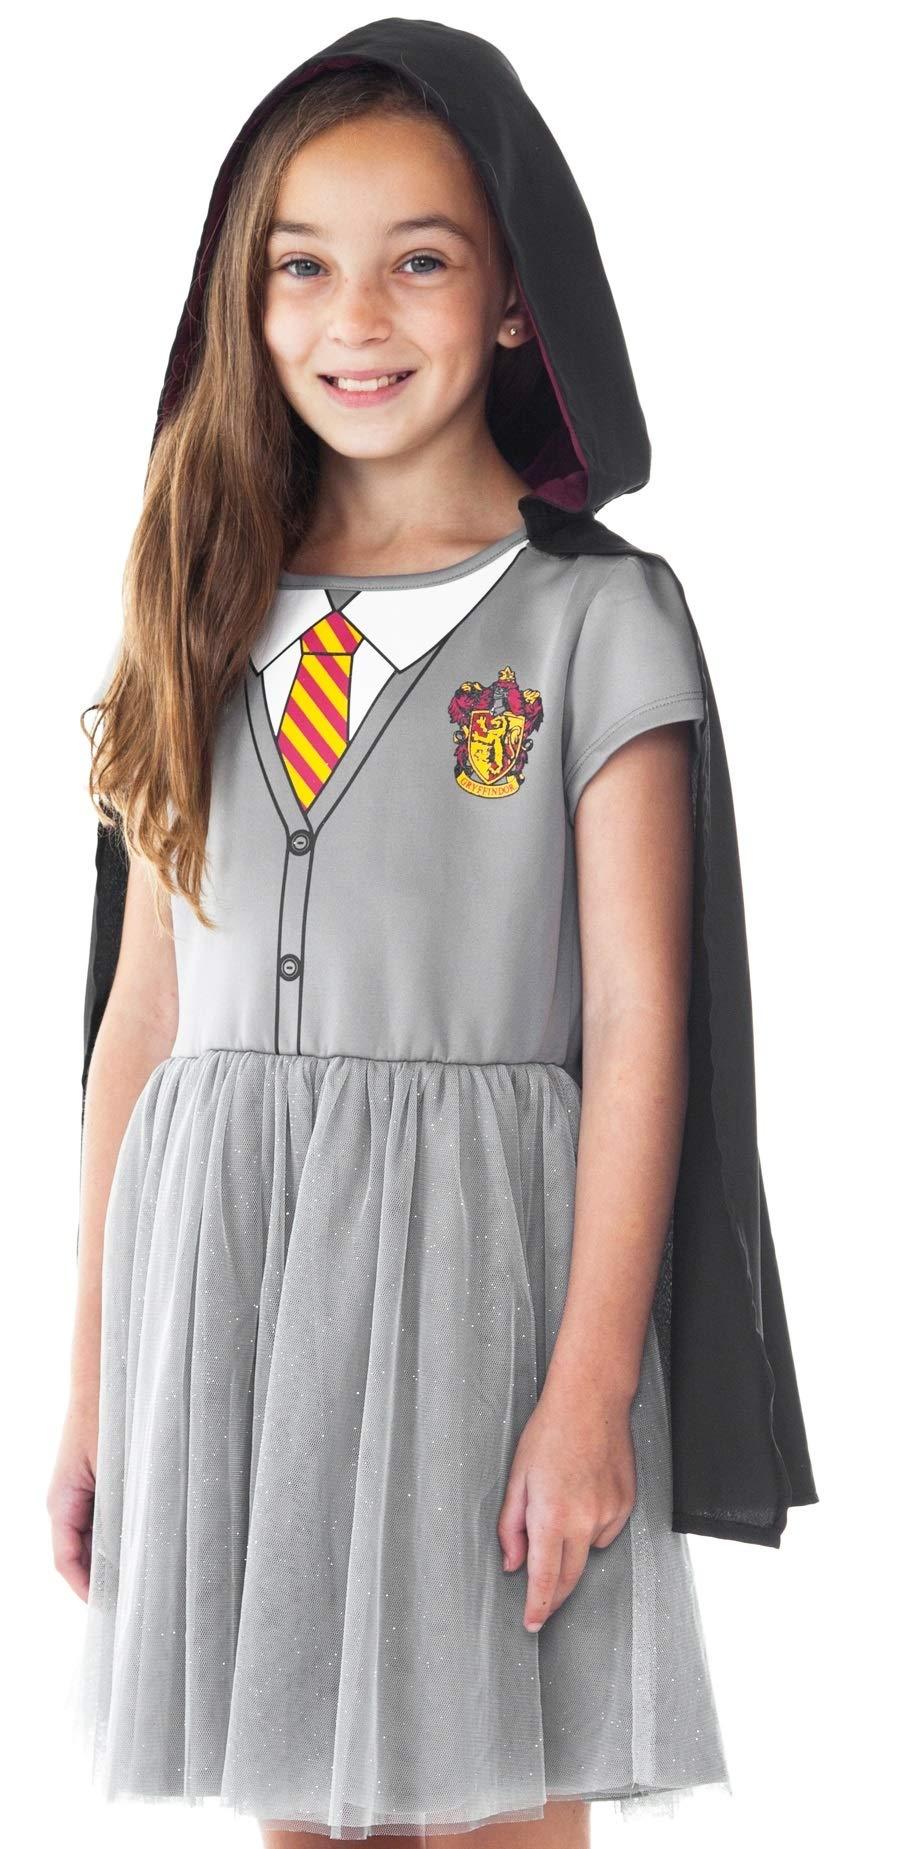 Harry Potter Girls Costume Dress Hogwarts Crest Cloak Gryffindor Tie (Large)